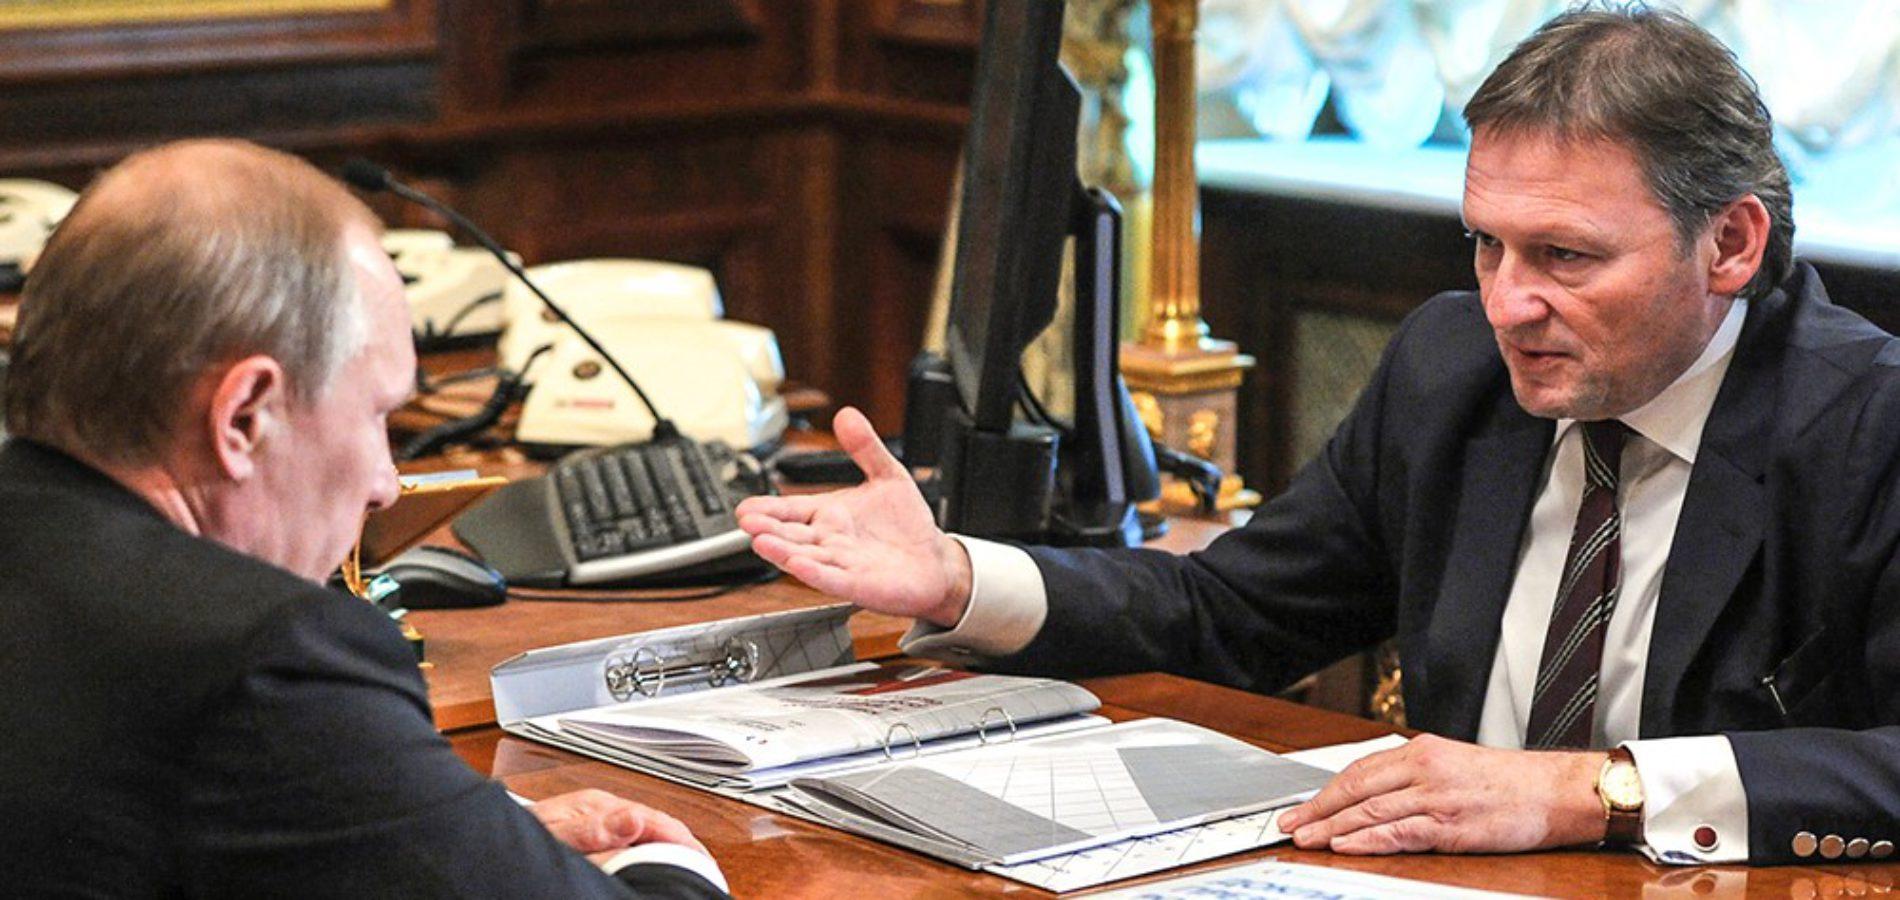 Борис Титов представил Владимиру Путину третий доклад Уполномоченного по защите прав предпринимателей